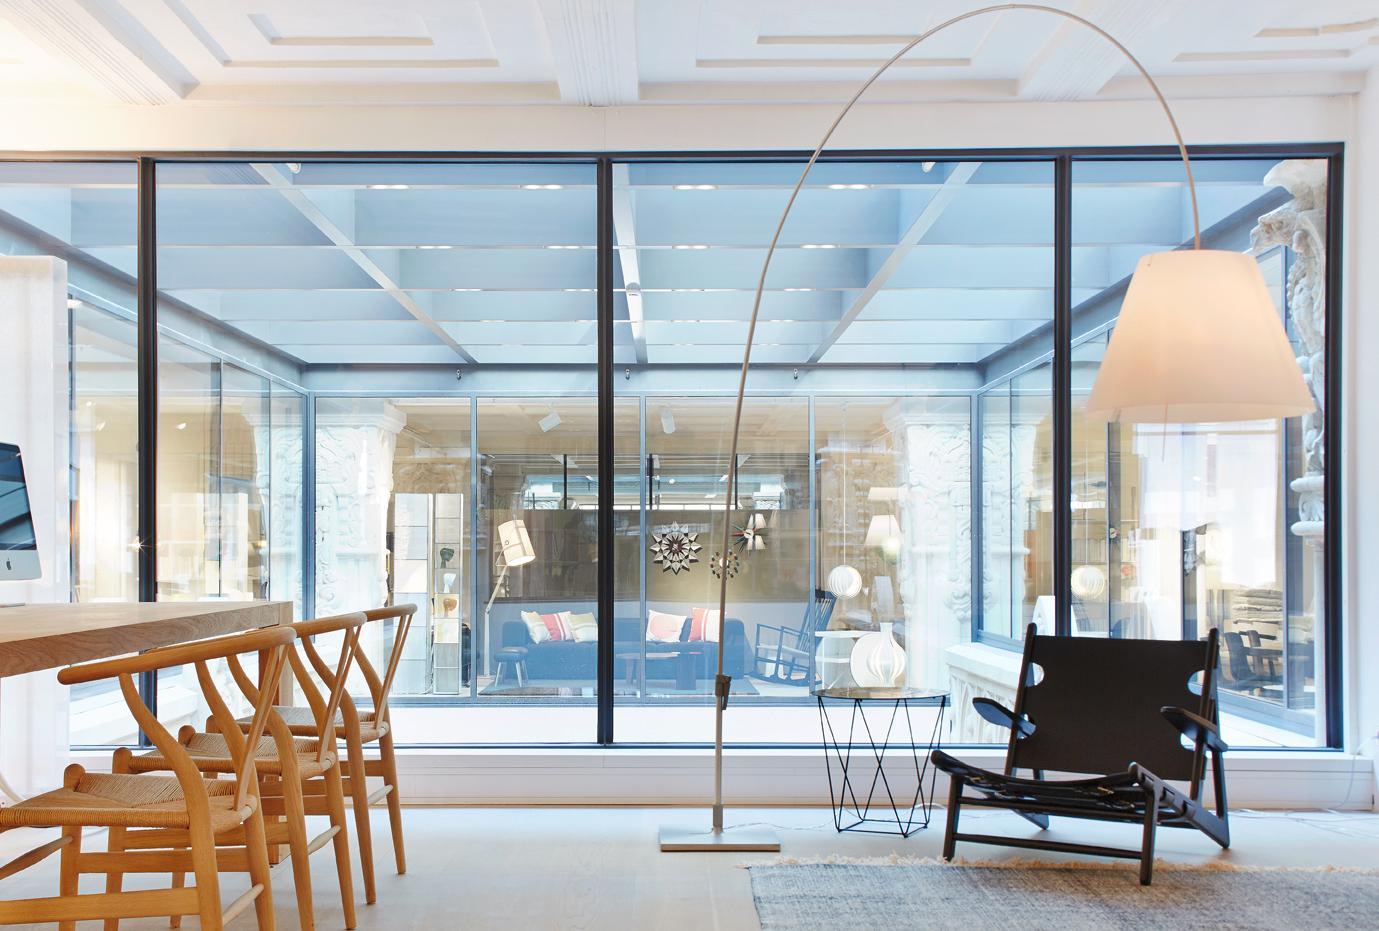 showroom g rtner hamburg designerm bel g rtner i. Black Bedroom Furniture Sets. Home Design Ideas